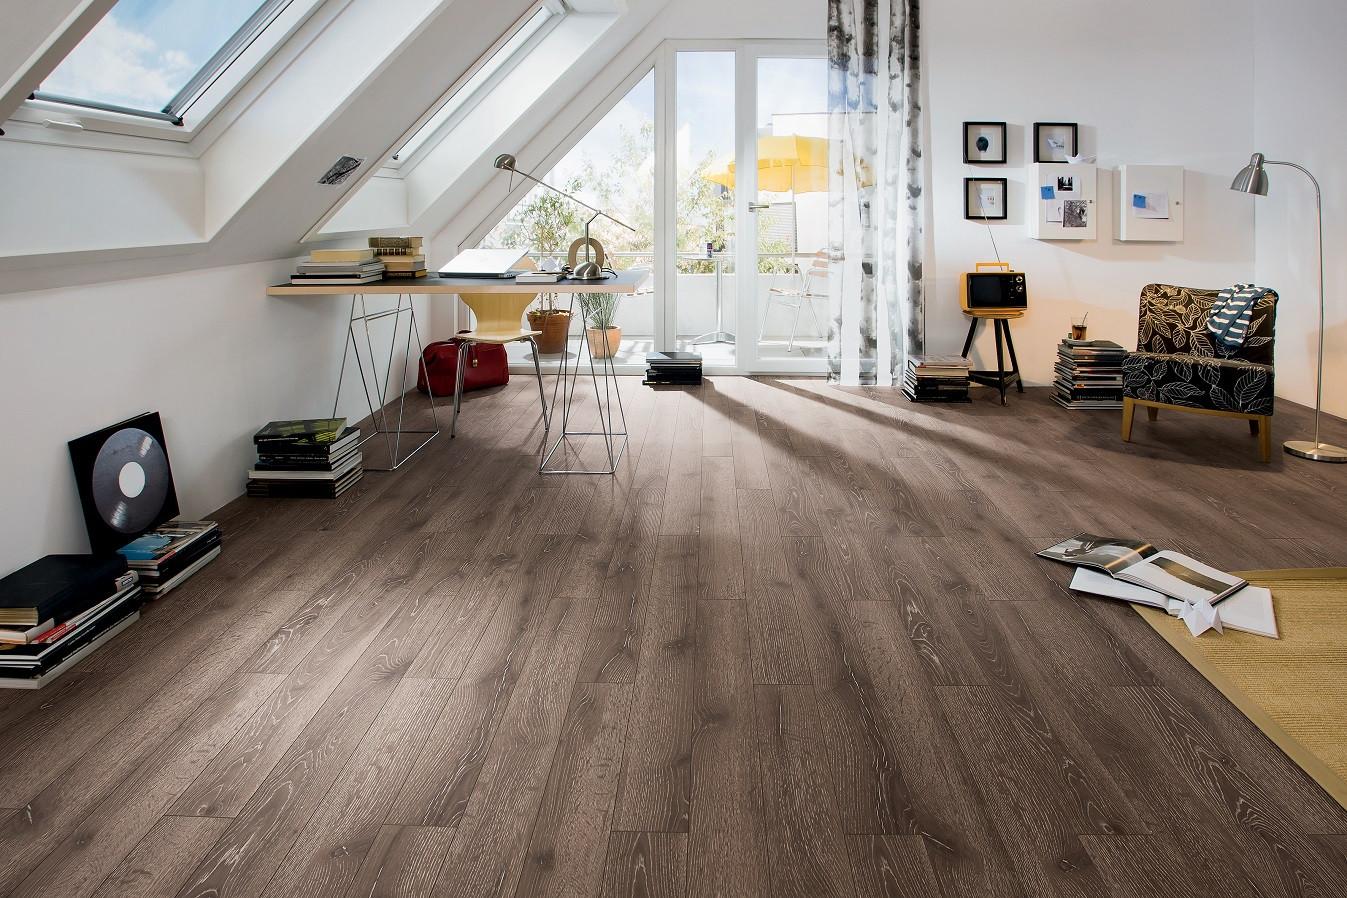 hardwood flooring reviews ratings of ca laminate flooring california wood floor boards san jose los intended for ca best place to buy hardwood flooring